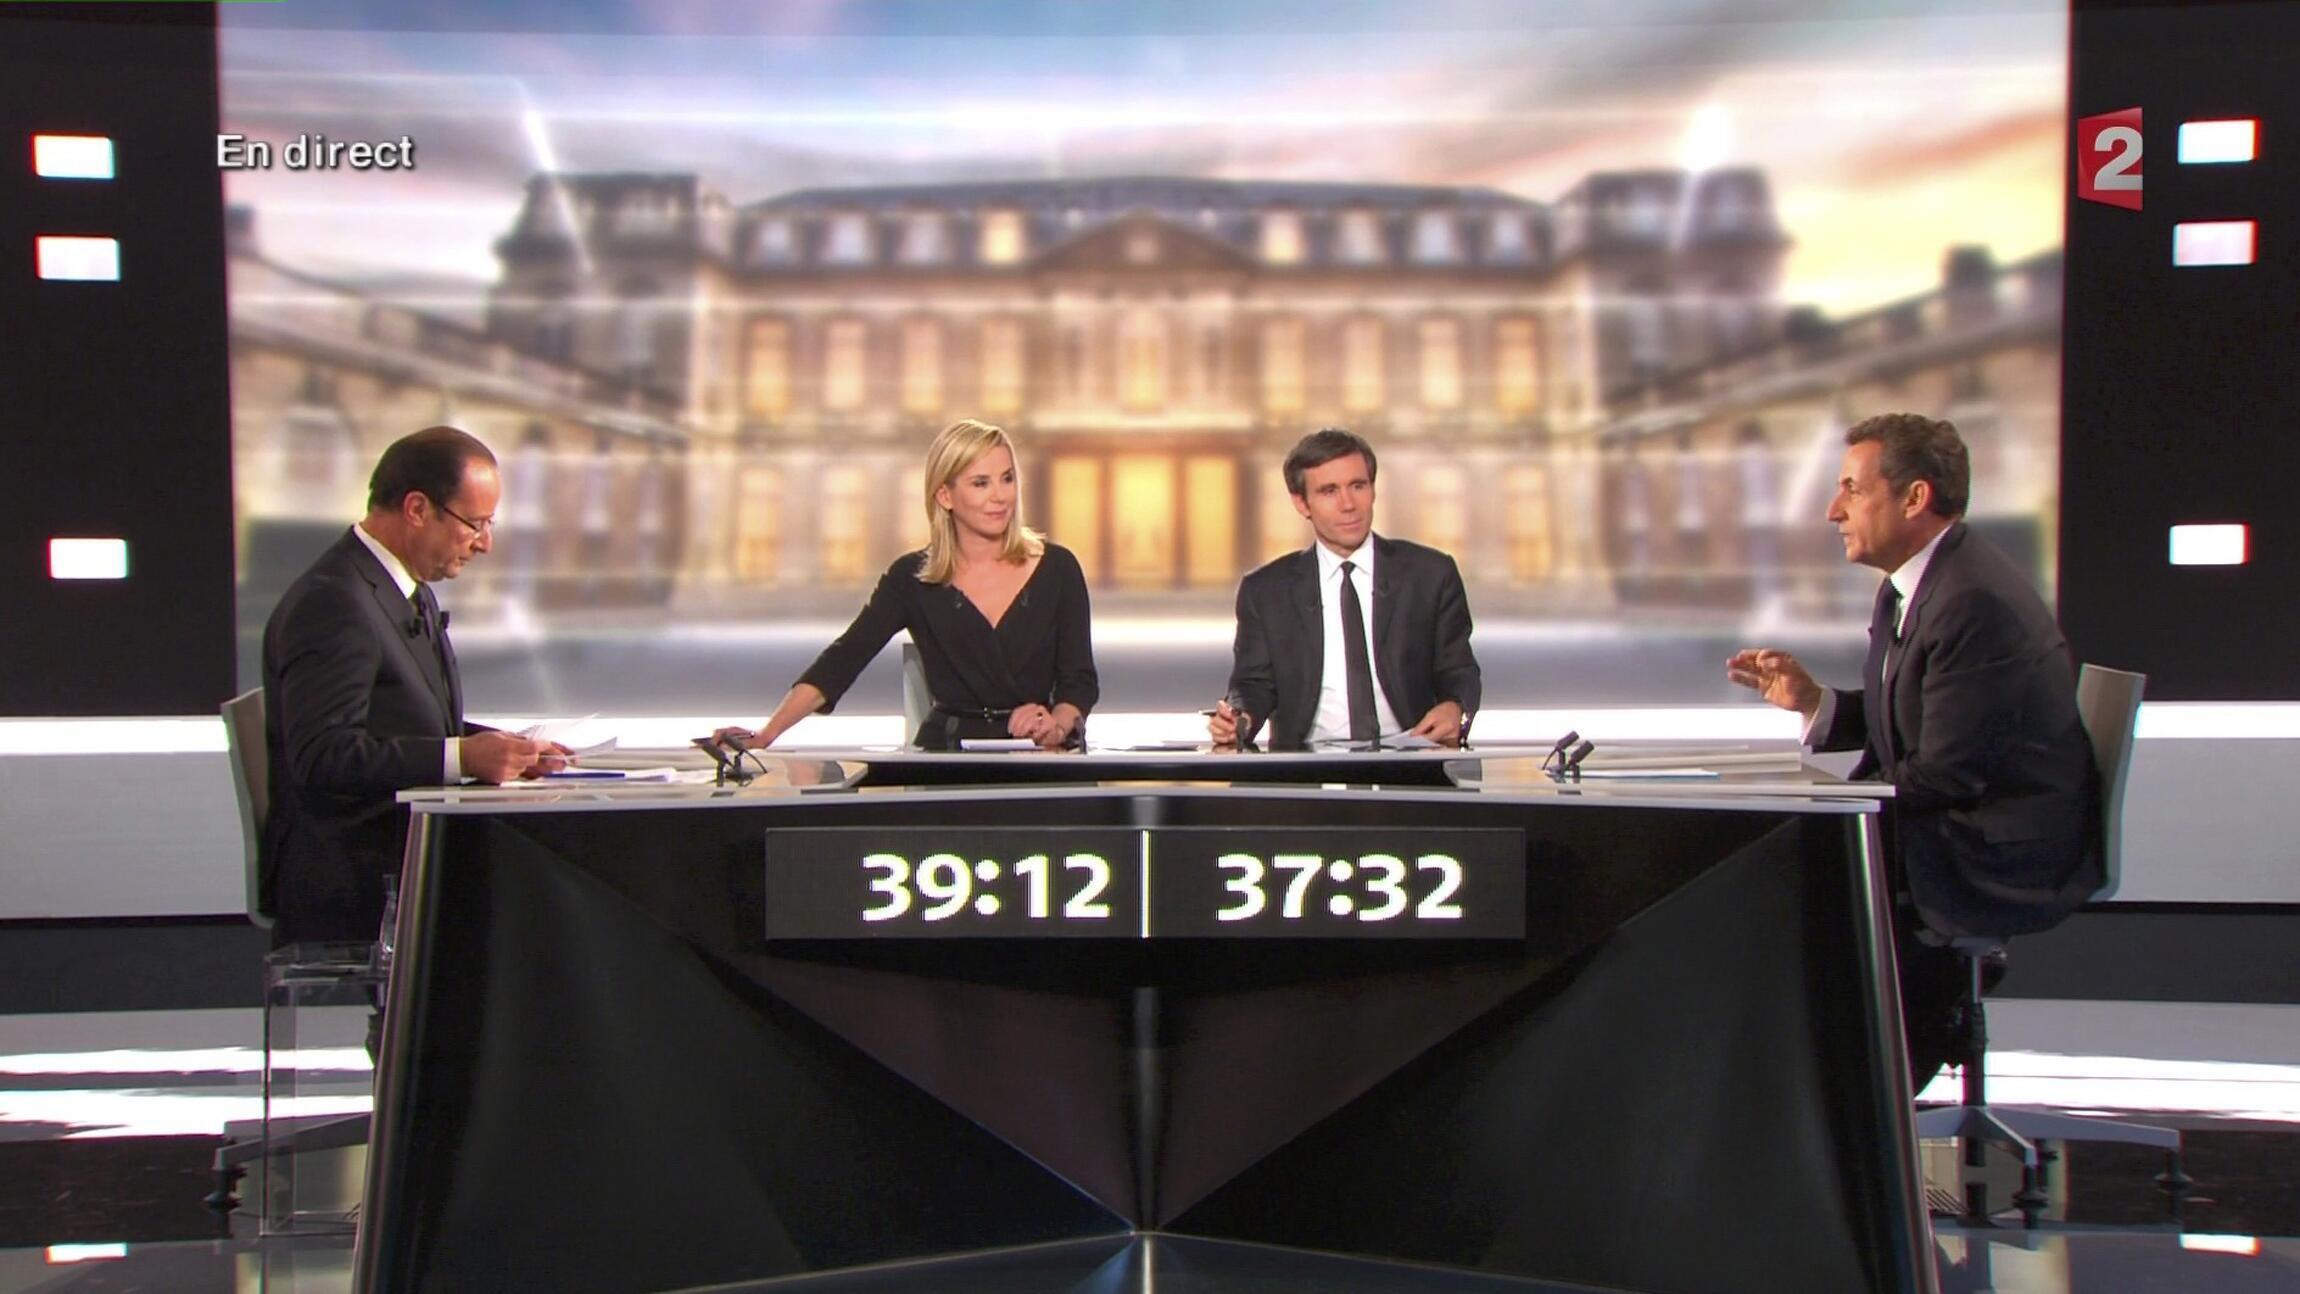 Предвыборные дебаты Франсуа Олланда и Николя Саркози в 2012 году